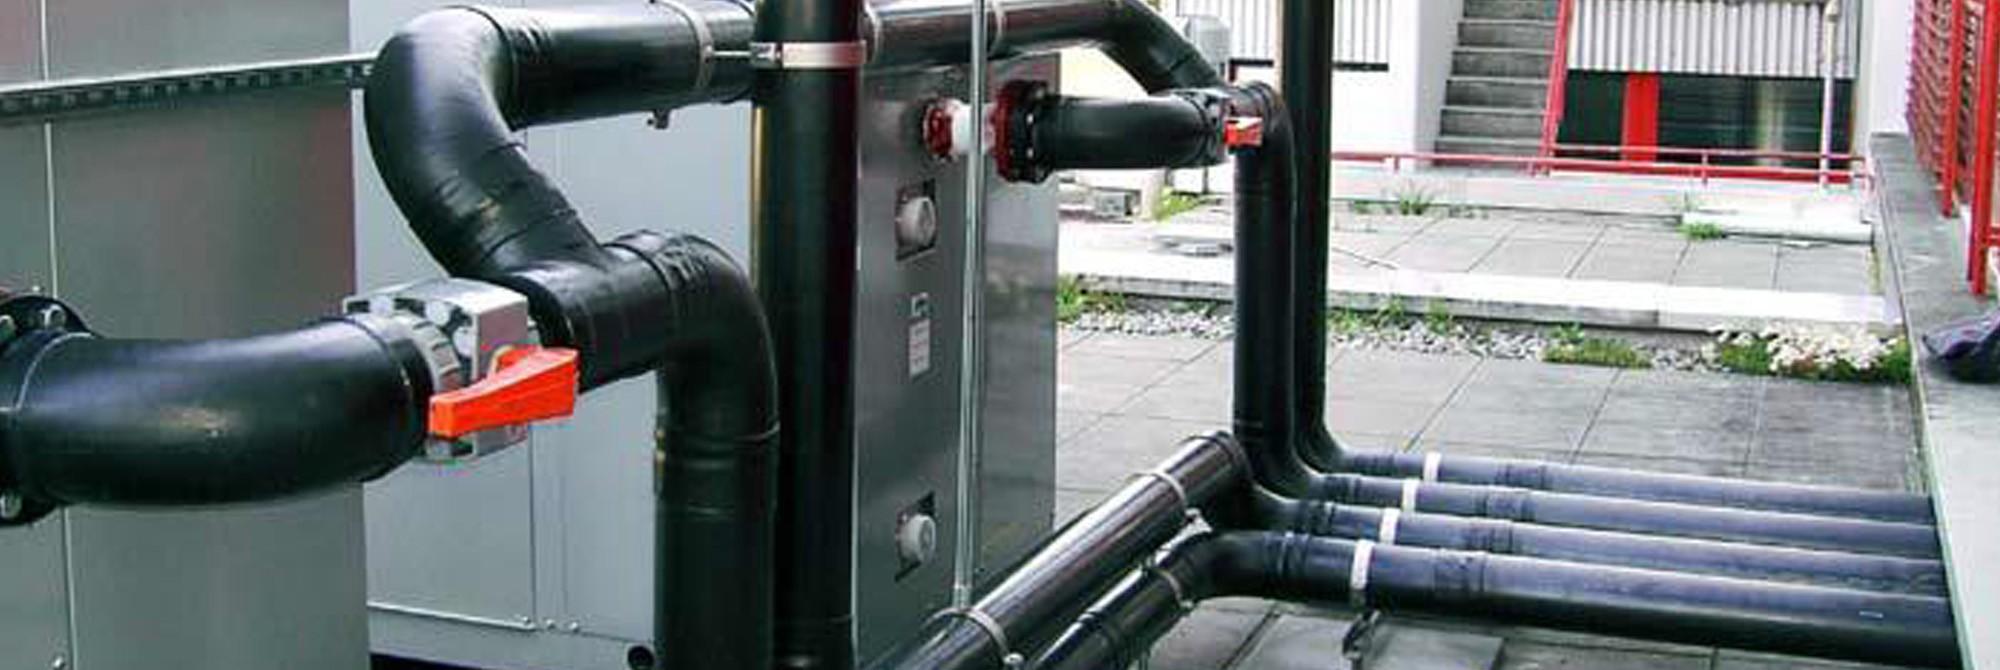 Formteile und Rohre für die Lüftungstechnik